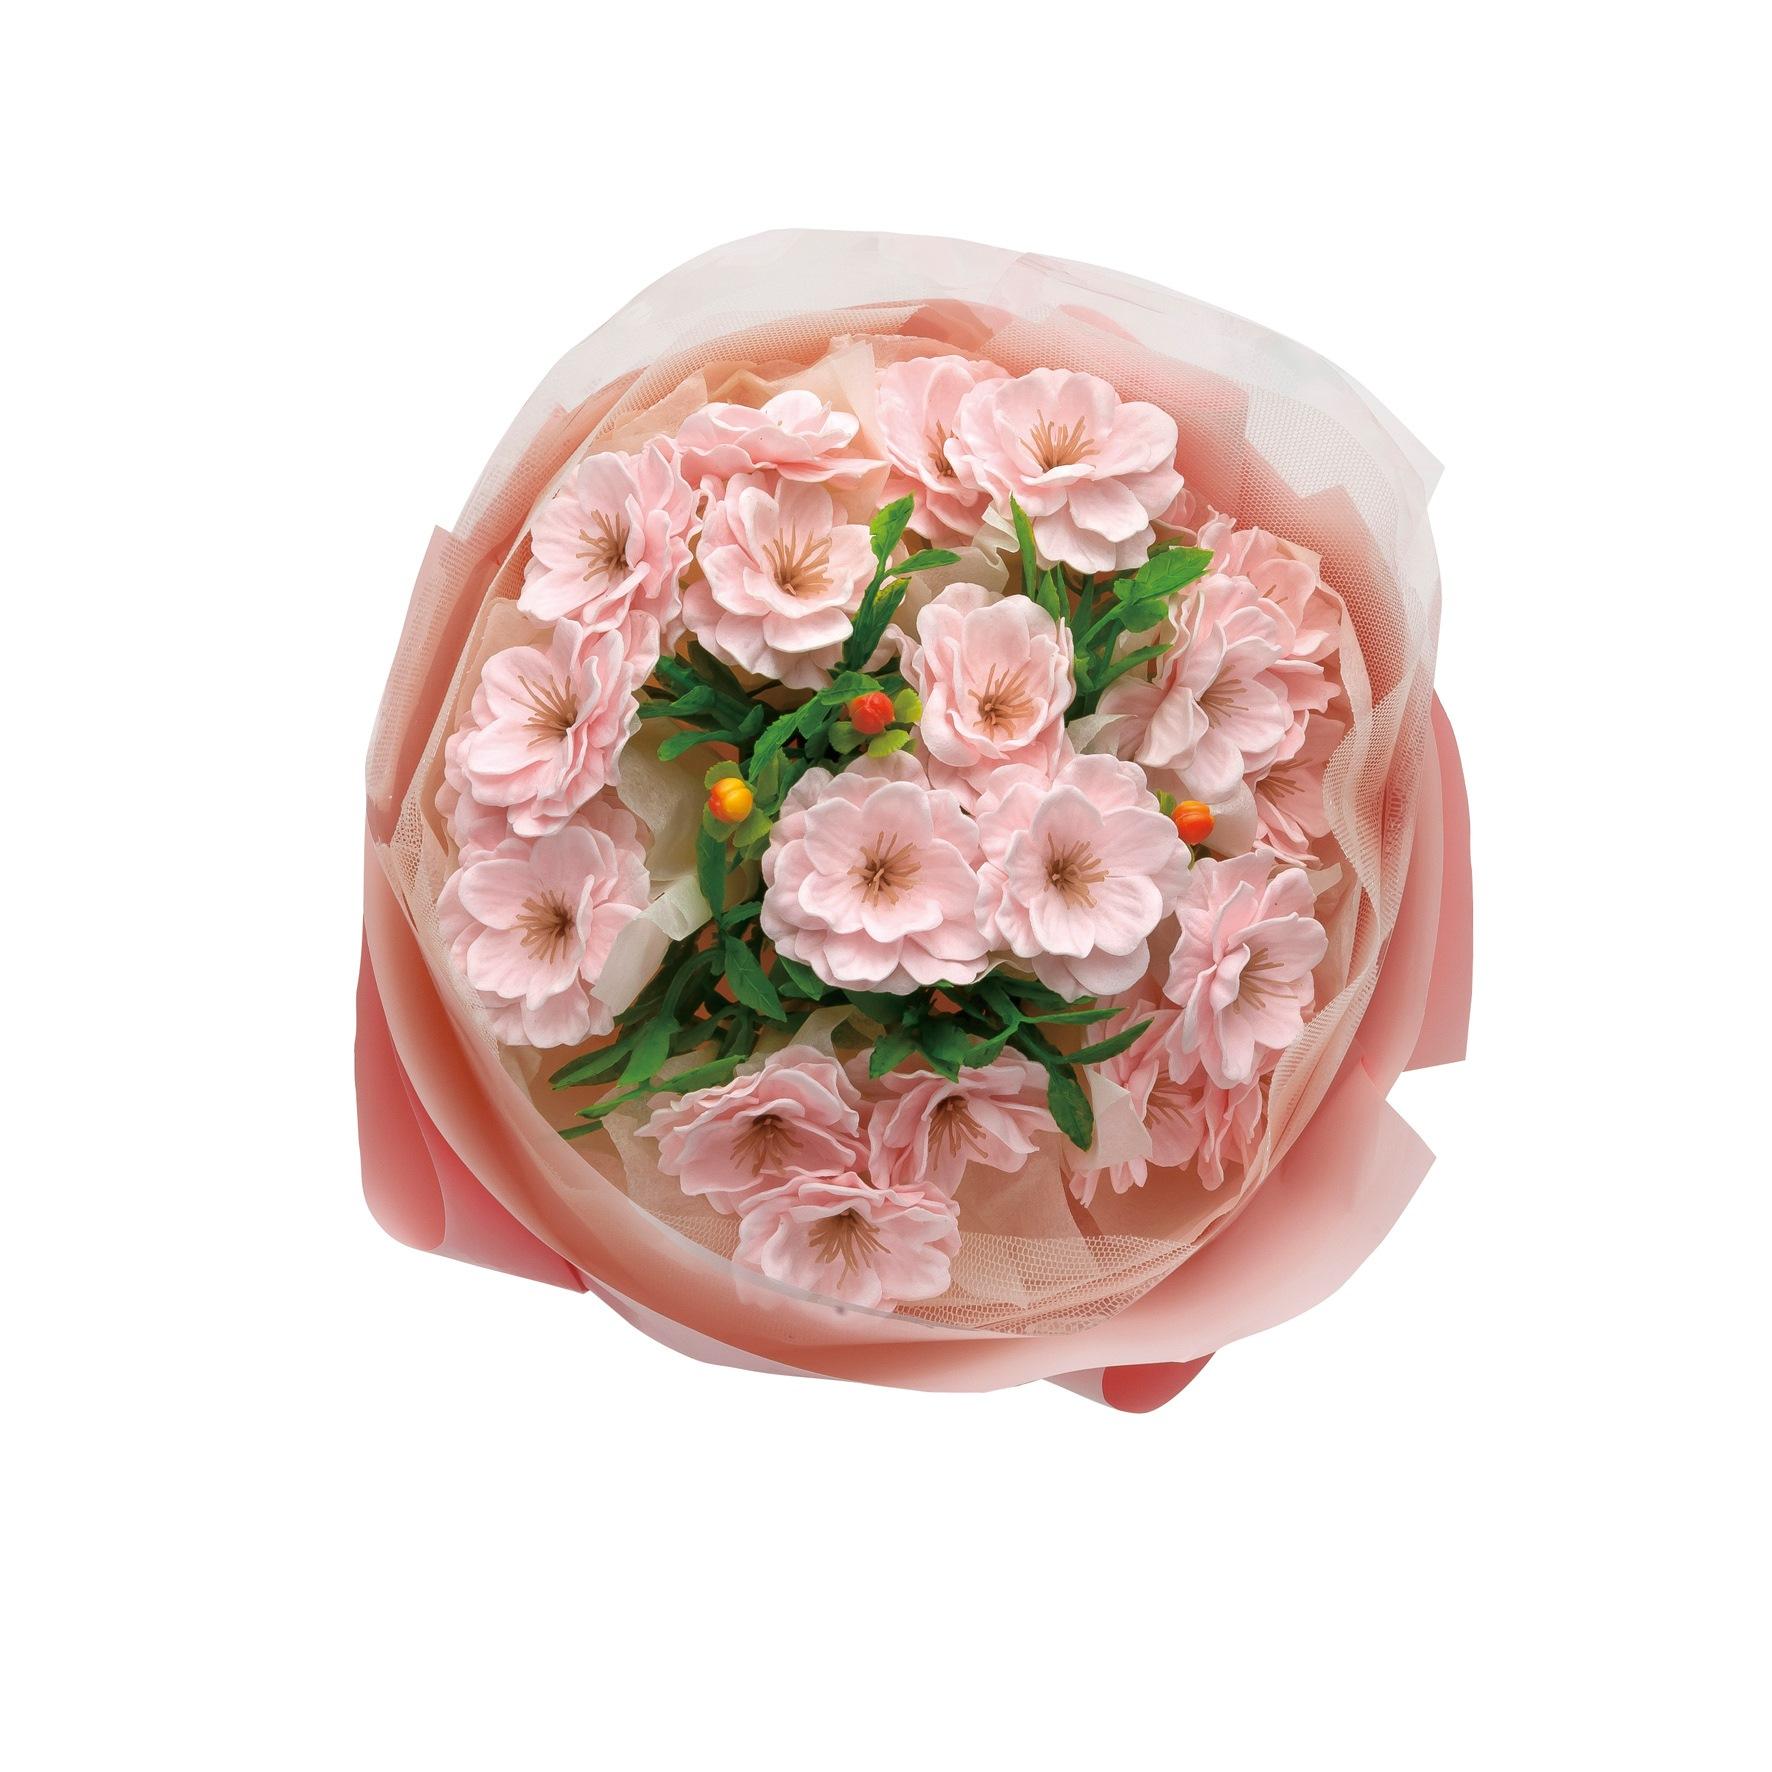 スタンディング桜ブーケ(手提袋付)  ソープフラワー 母の日 入学 移転 引越 祝